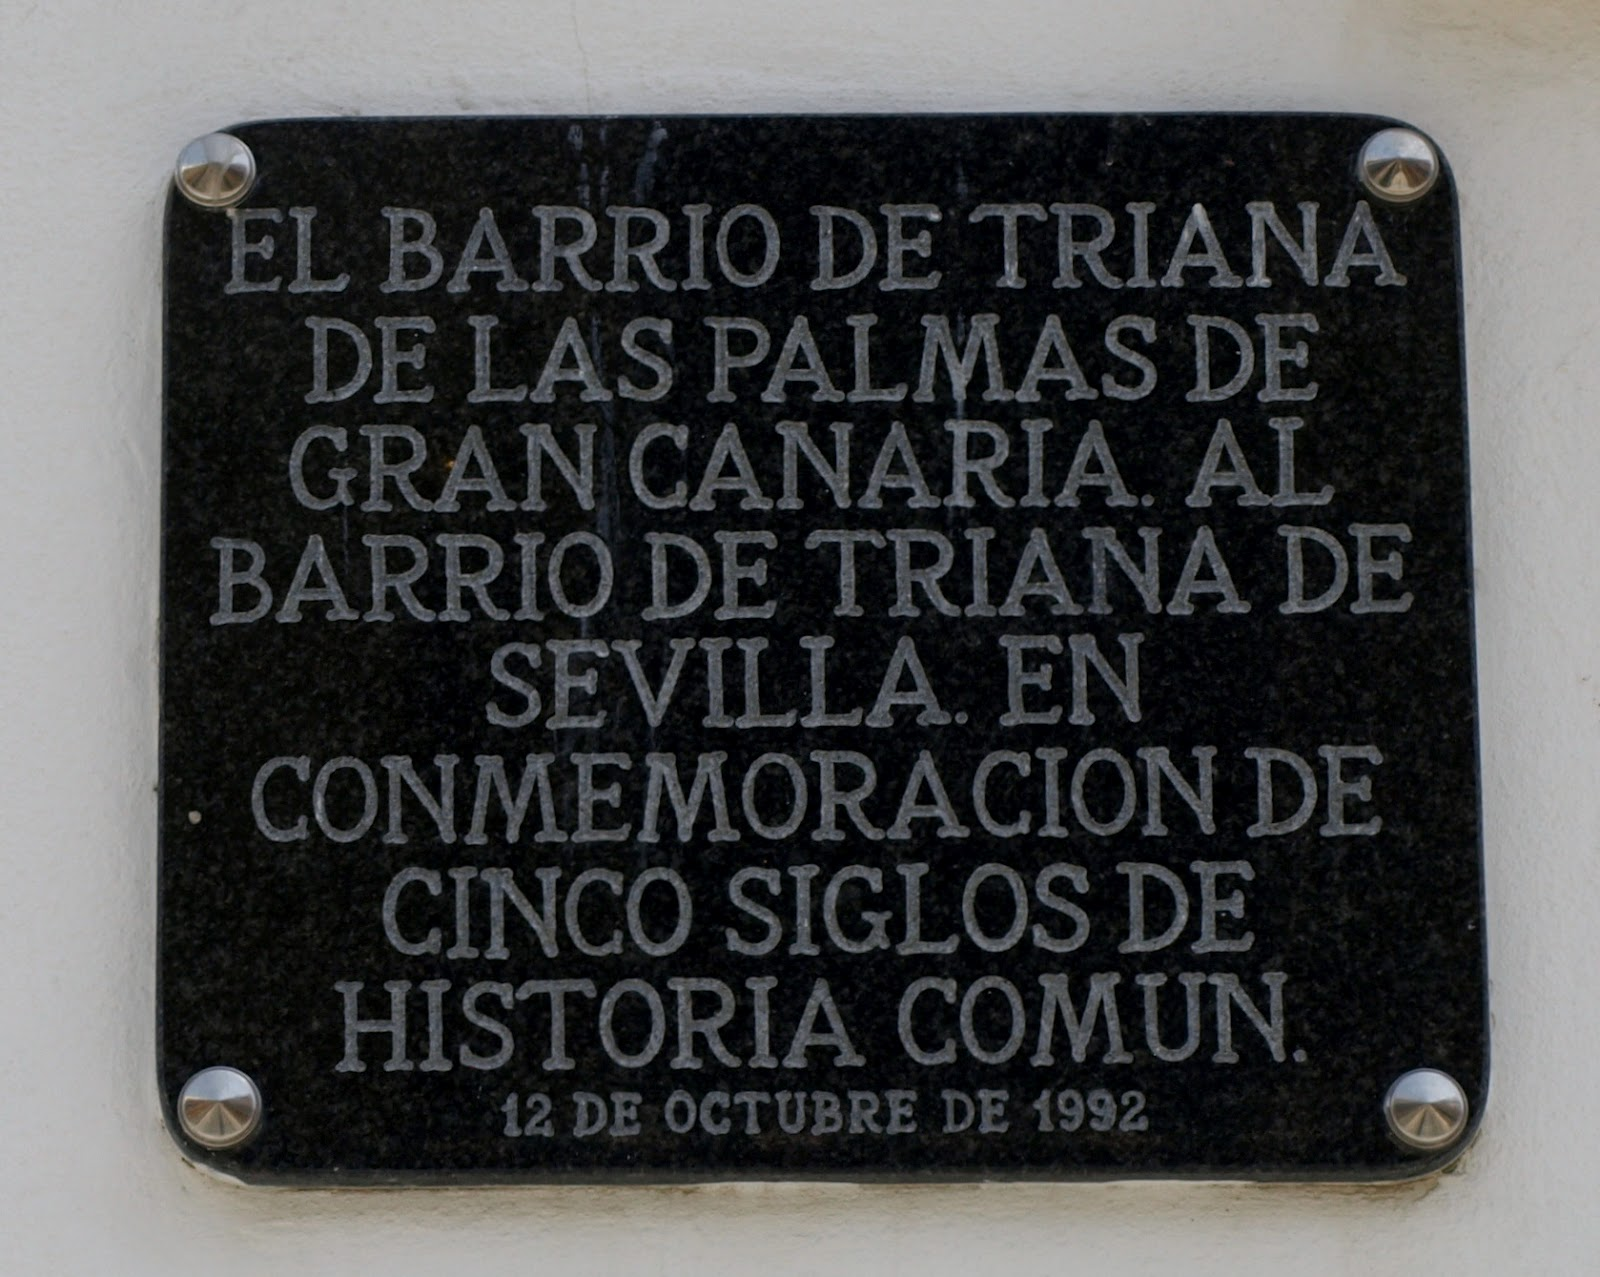 Resultado de imagen de BARRIO TRIANA GRAN CANARIAS